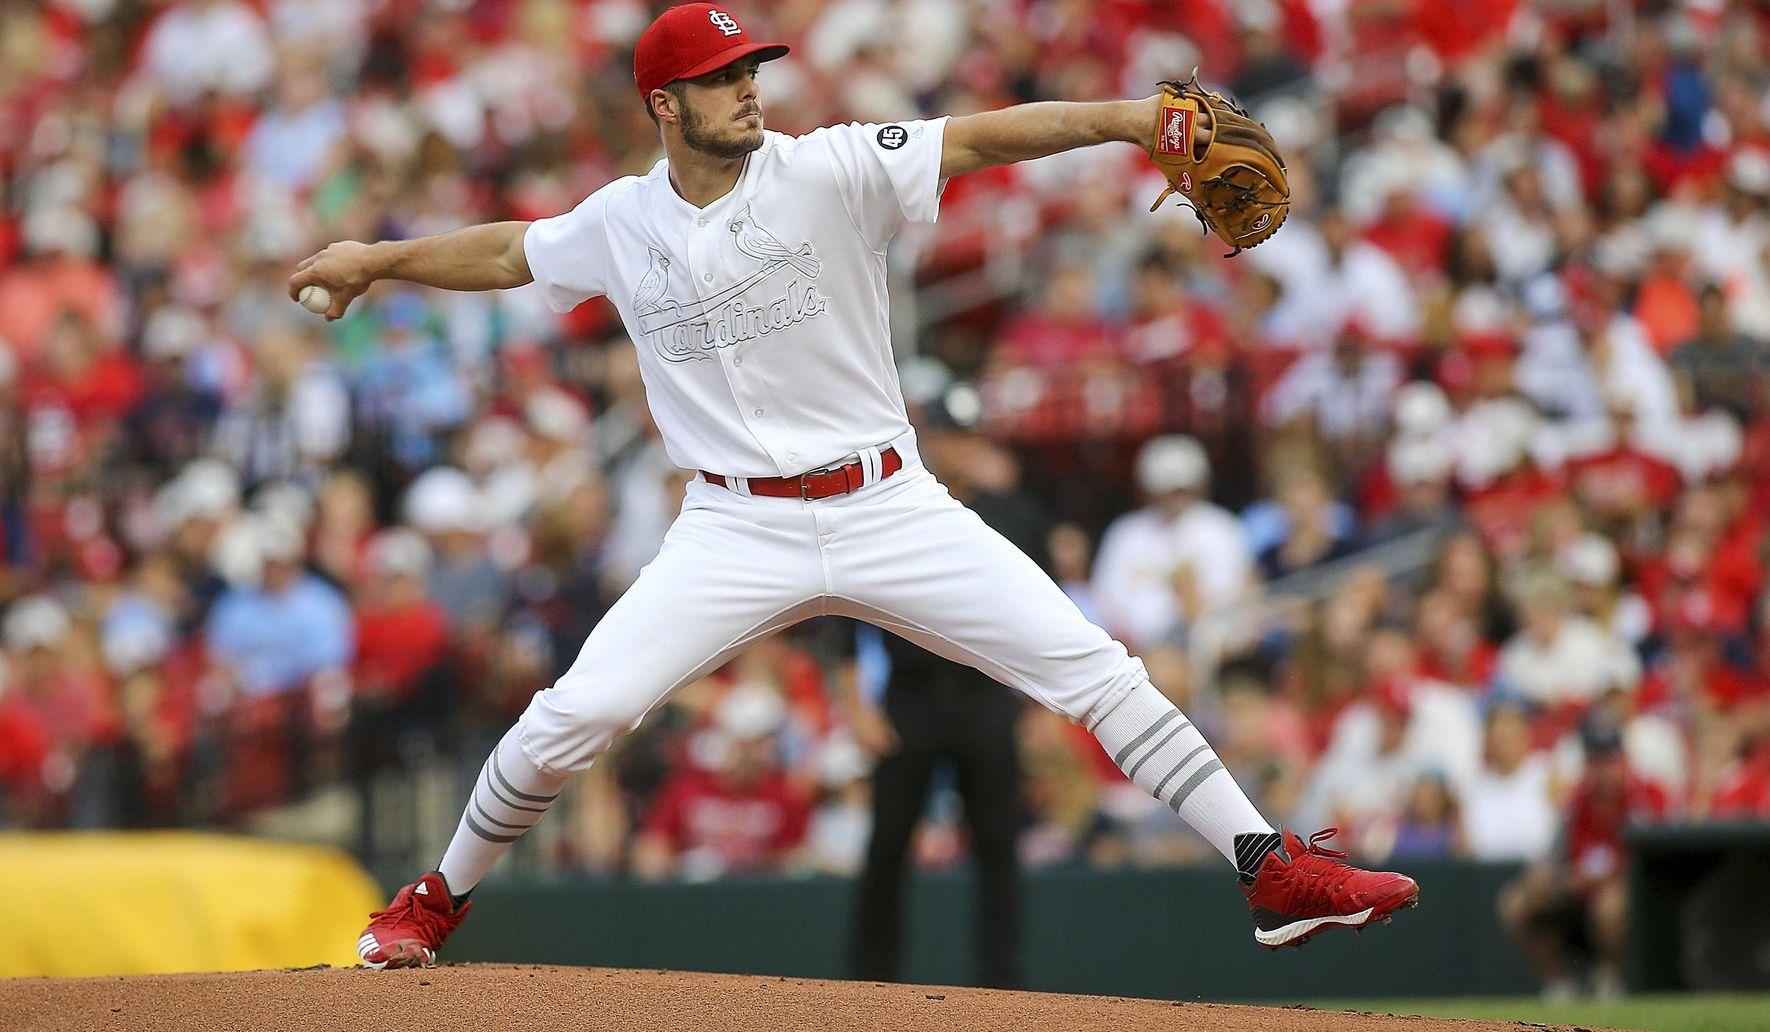 Rockies_cardinals_baseball_92758_c0-125-3000-1874_s1770x1032